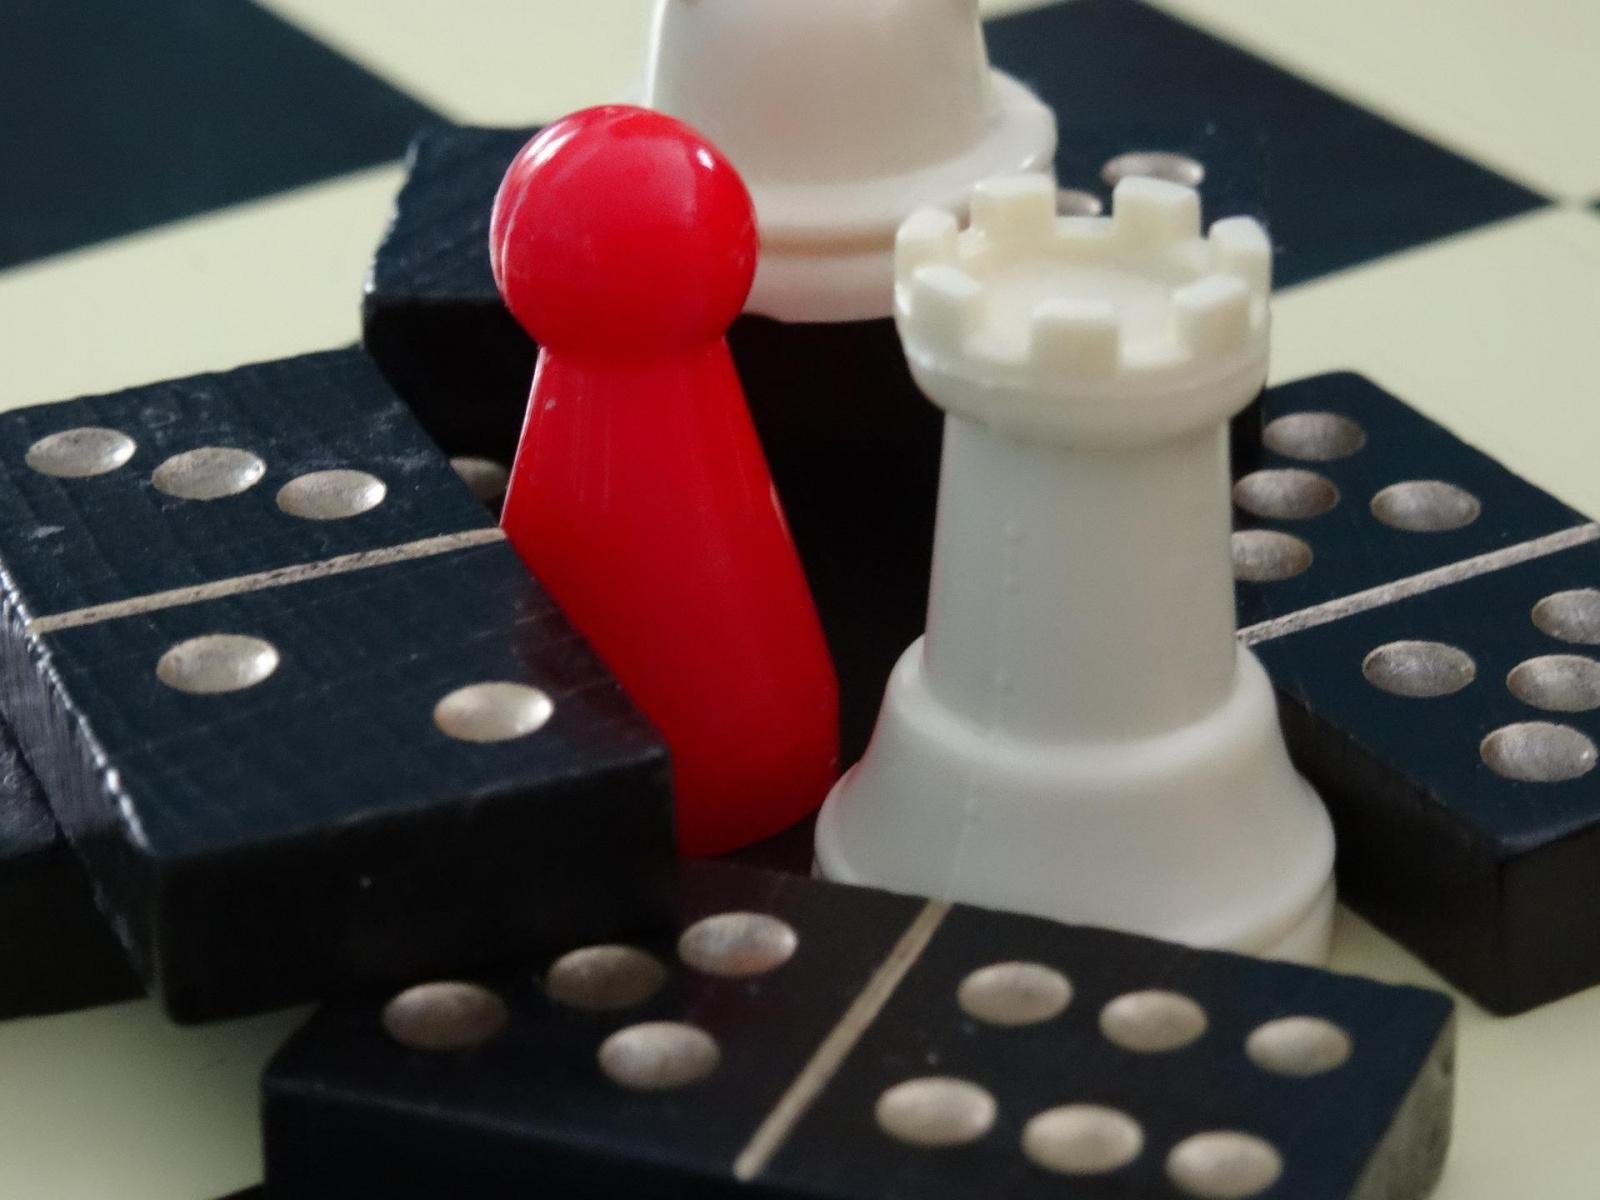 Les Meilleurs Jeux Pour S'occuper Seul Ou À Plusieurs avec Jeux À Plusieurs En Ligne